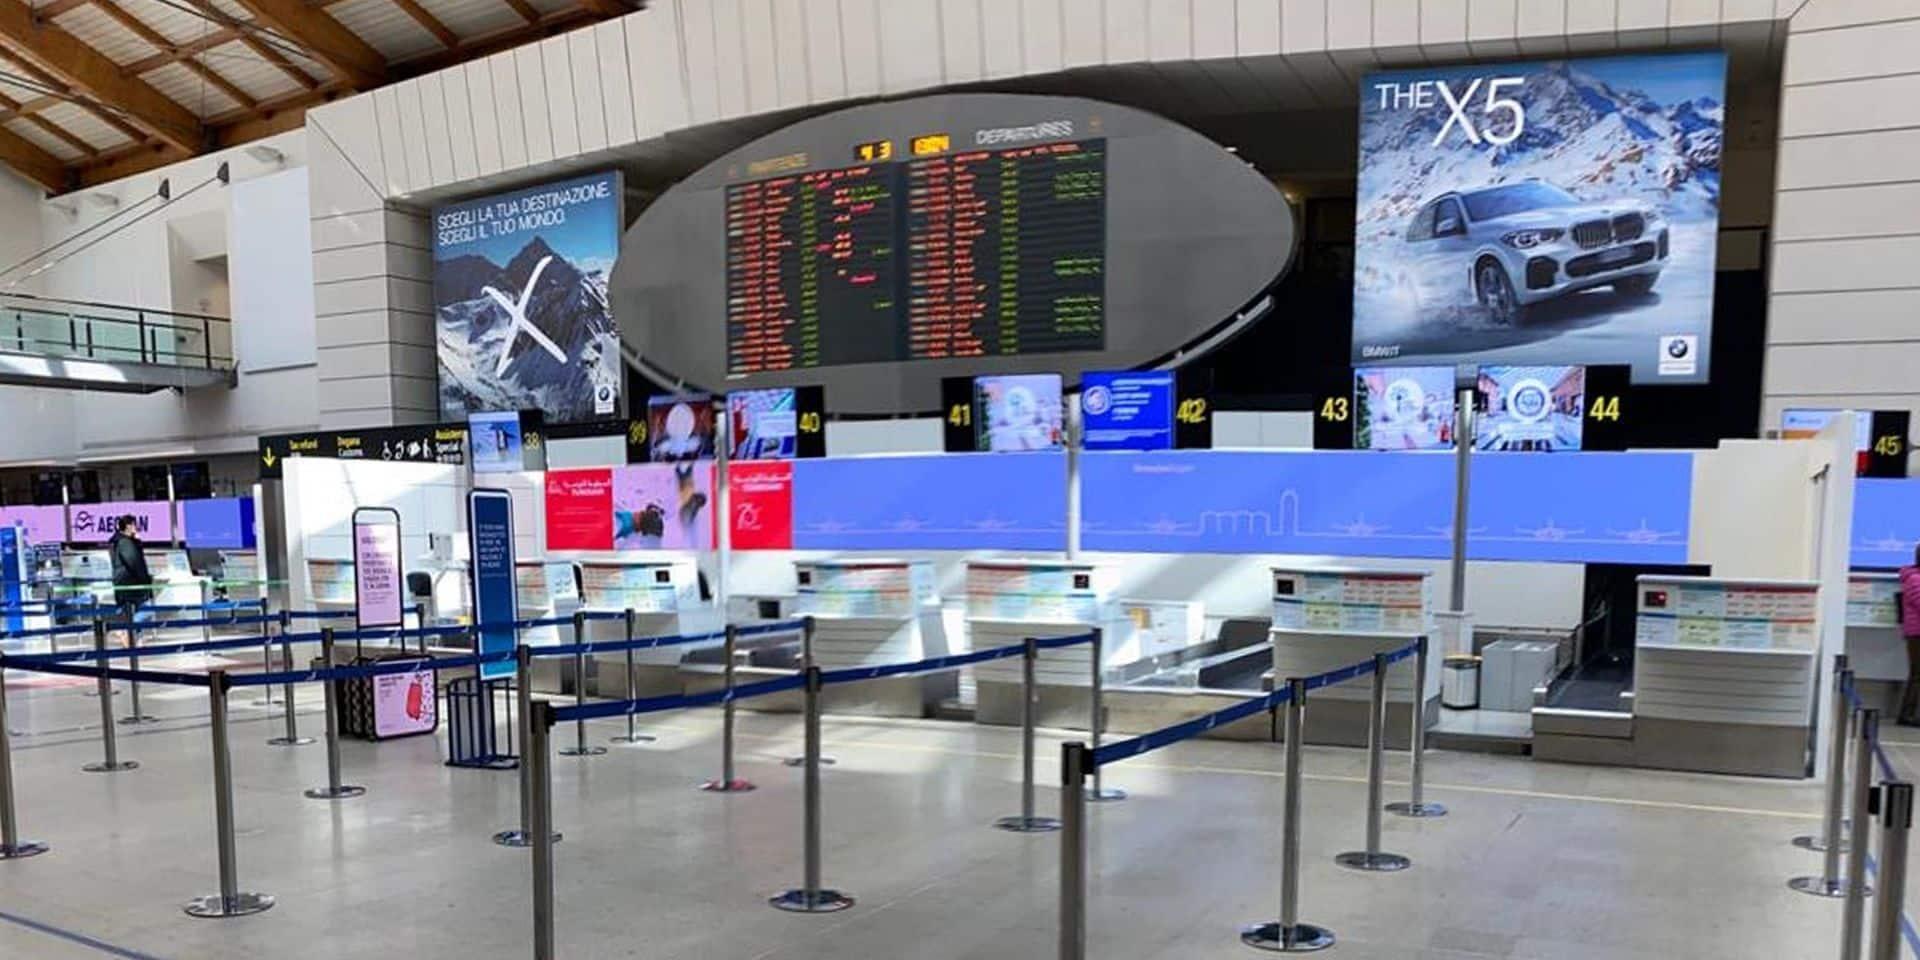 """Coronavirus: """"Avant le lockdown, les aéroports italiens étaient déjà confrontés à une baisse spectaculaire de passagers"""""""